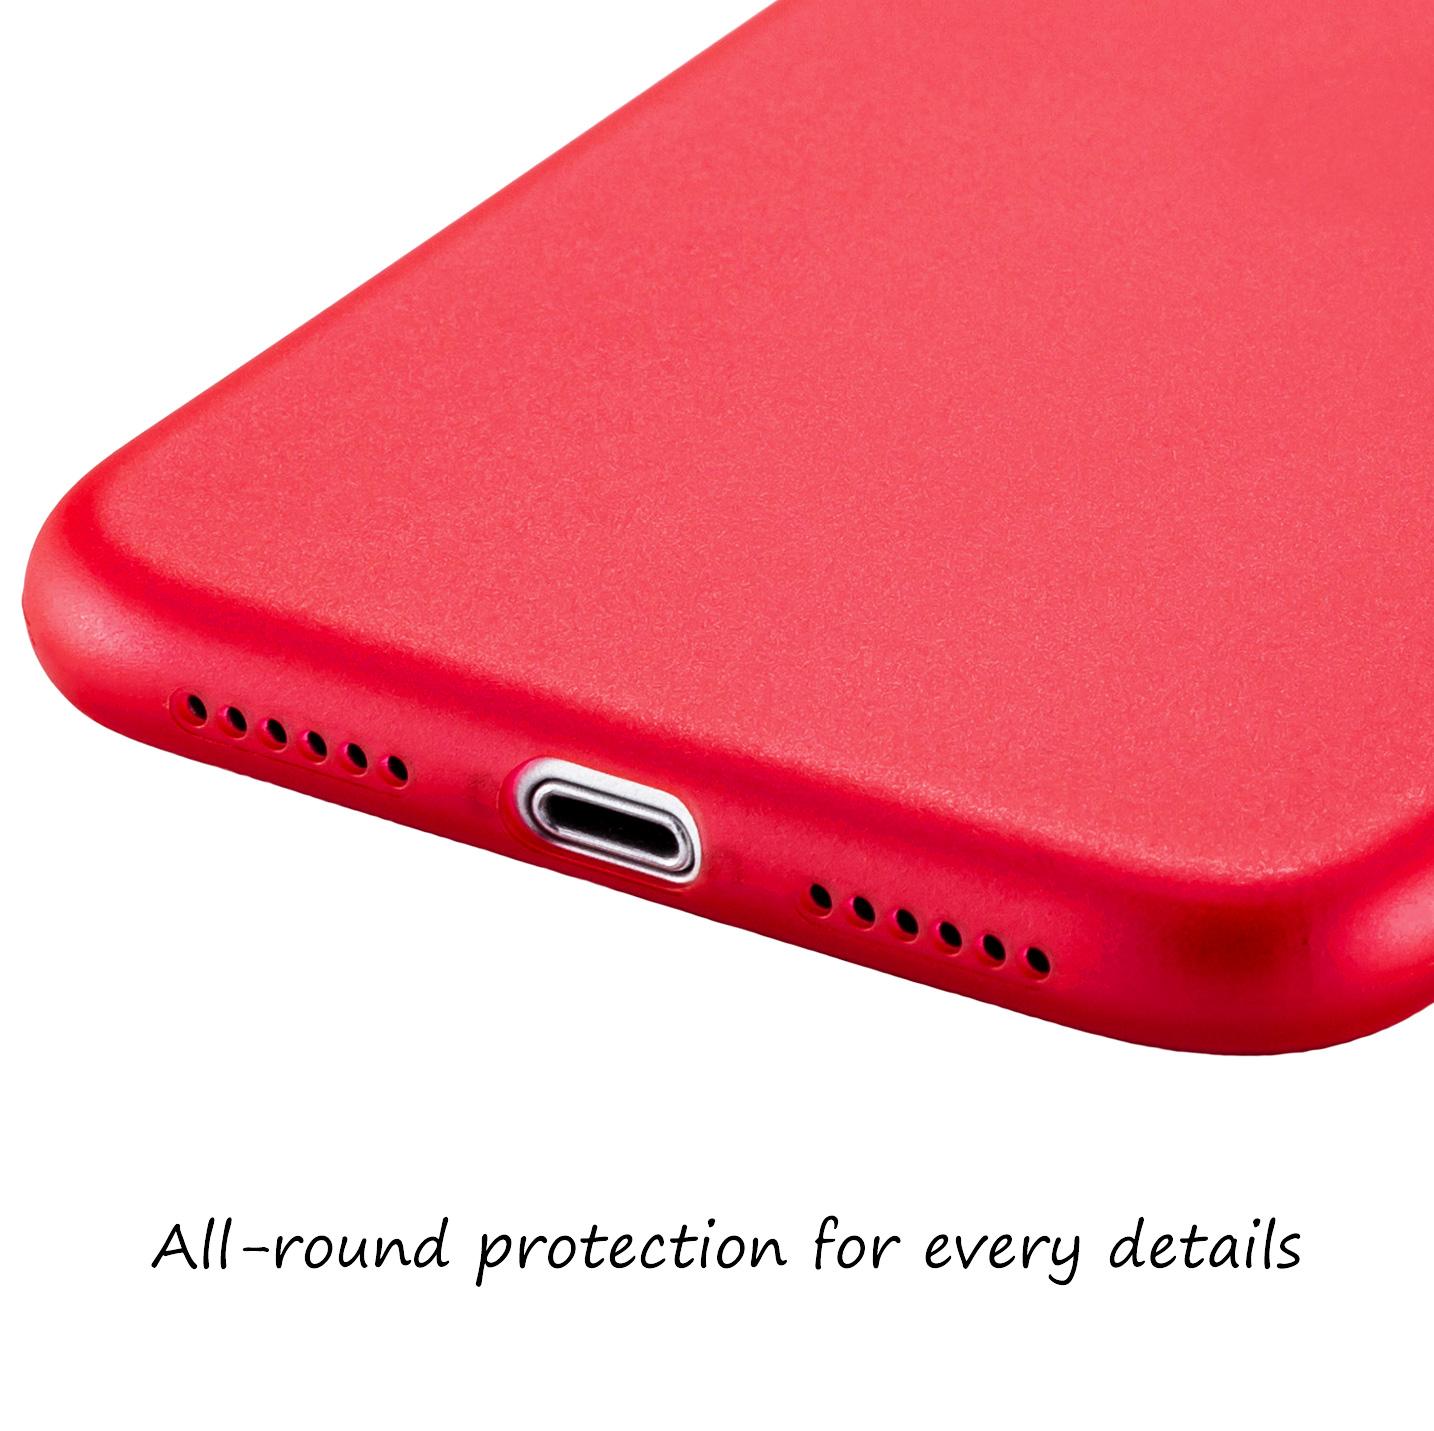 Ultra-Slim-Case-iPhone-11-6-1-034-Matt-Clear-Schutz-Huelle-Skin-Cover-Tasche-Folie Indexbild 48